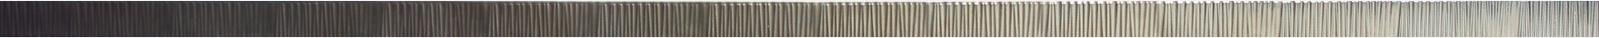 Бордюр Keraben Velvet +12541 Perfil Metallic Plata bersuit vergarabat la plata